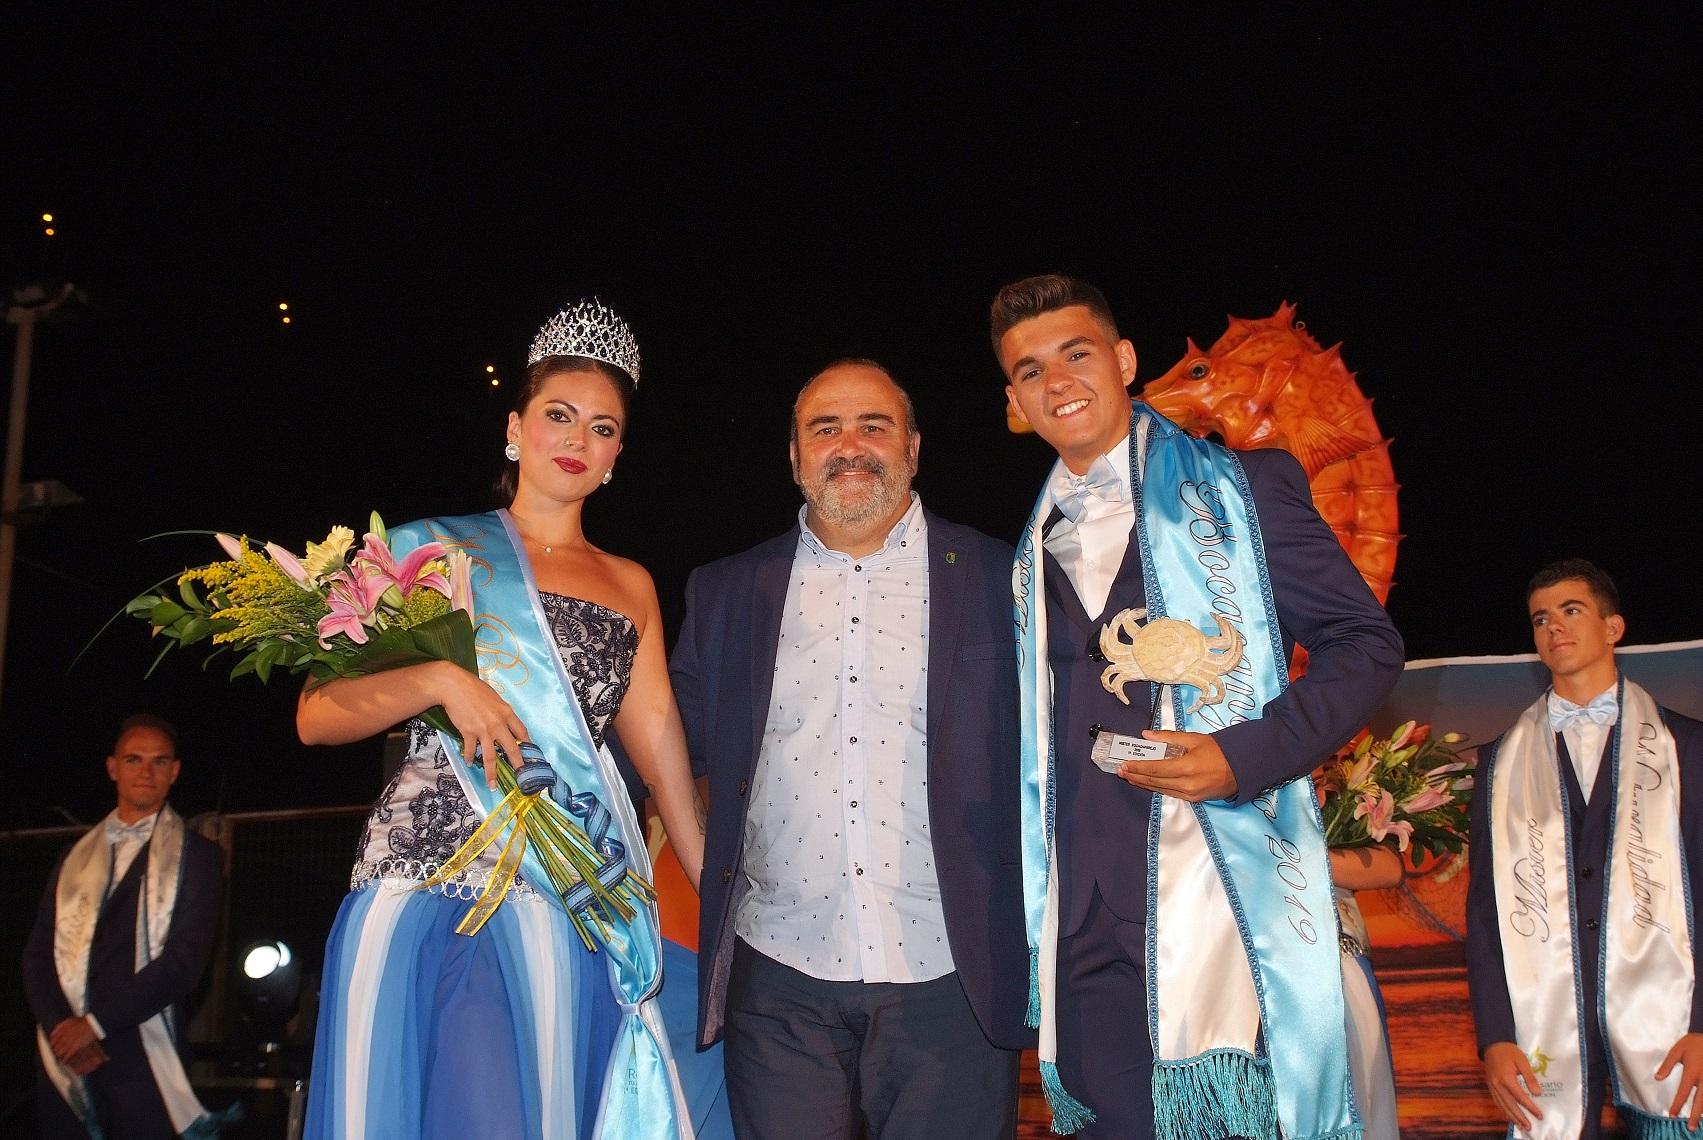 Gala de Bocacangrejo Fiestas del Carmen 2019 (1) - copia